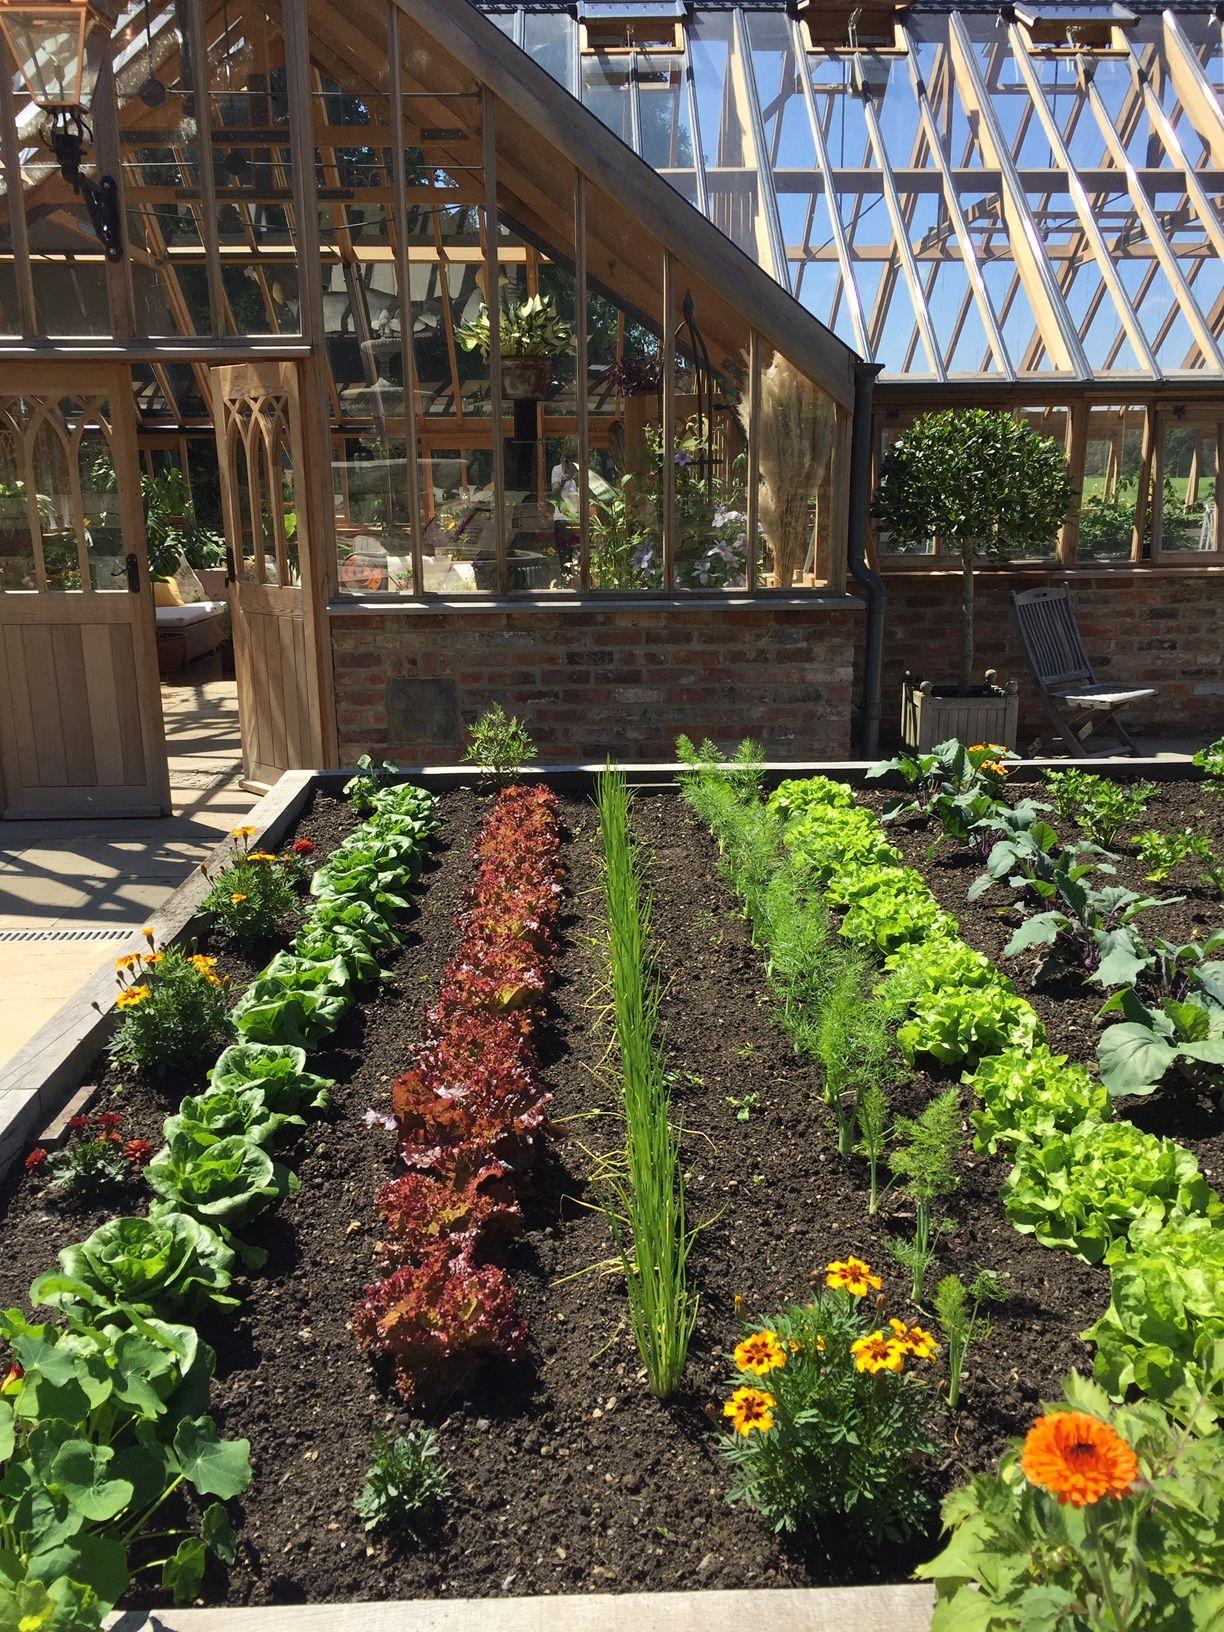 summer vegetables in the kitchen garden in 2020 kitchen garden grow tent fall garden vegetables on kitchen garden id=77235